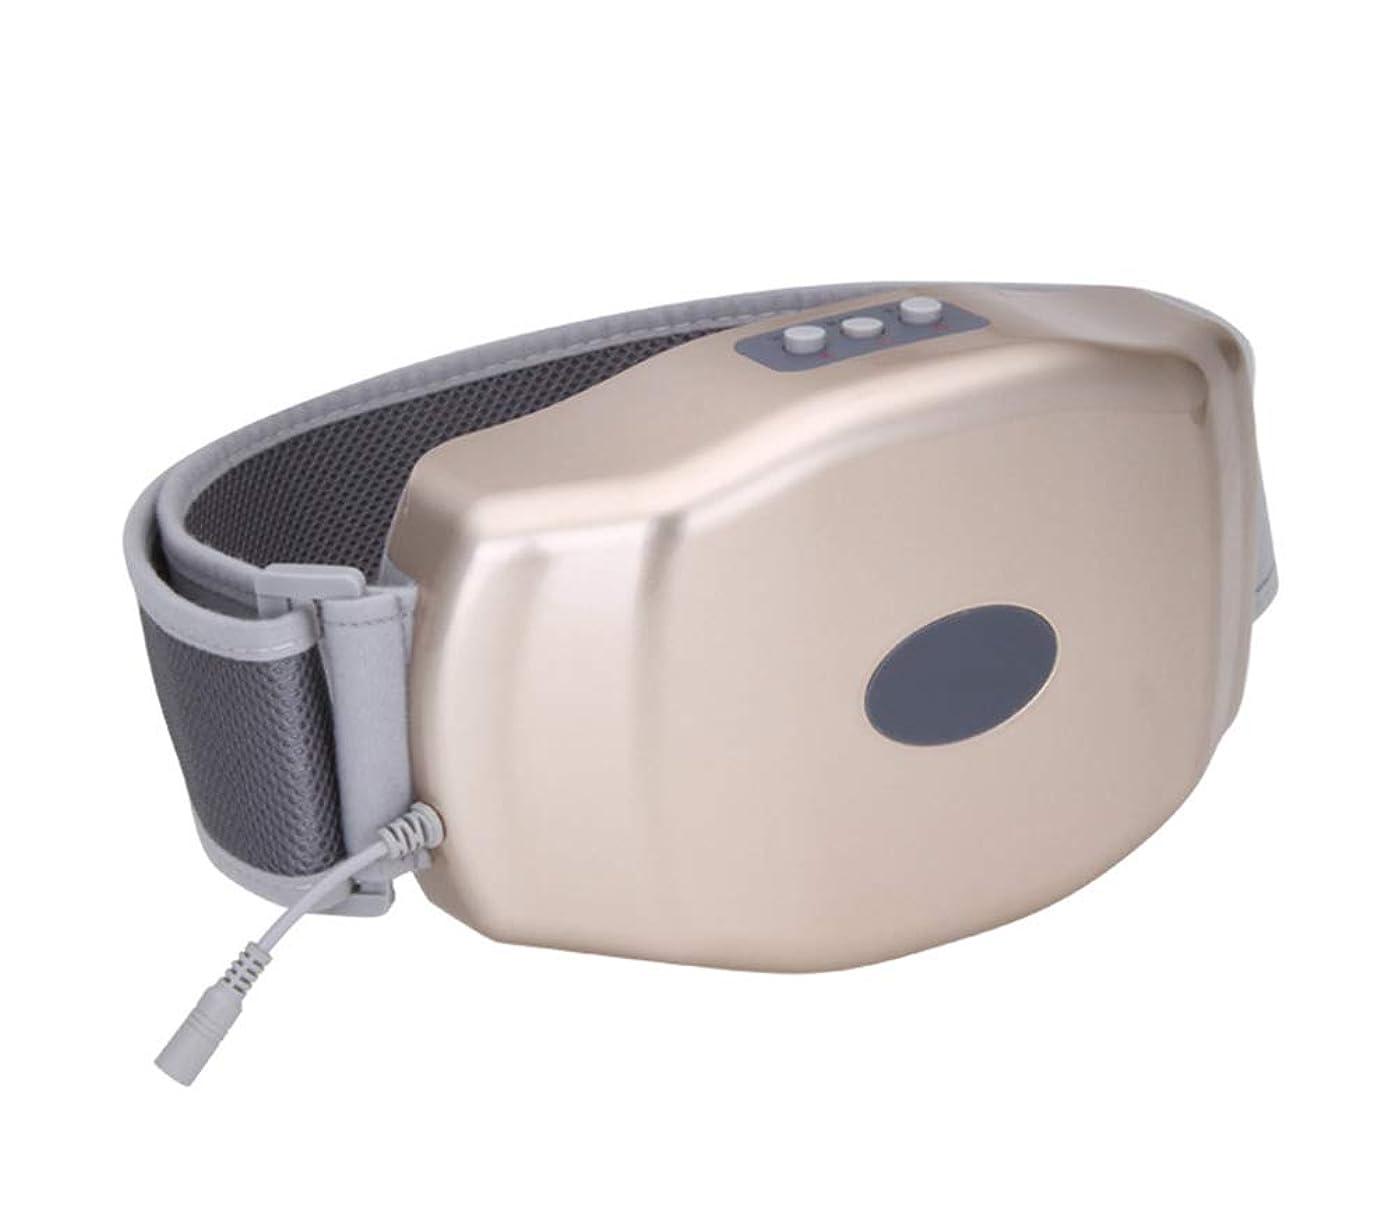 巻き取り心臓干渉多機能腹部マッサージ - 電気ファットバーナー - 腹部減量マッサージ振動便秘腹部理学療法ベルト加熱男性と女性のベルト